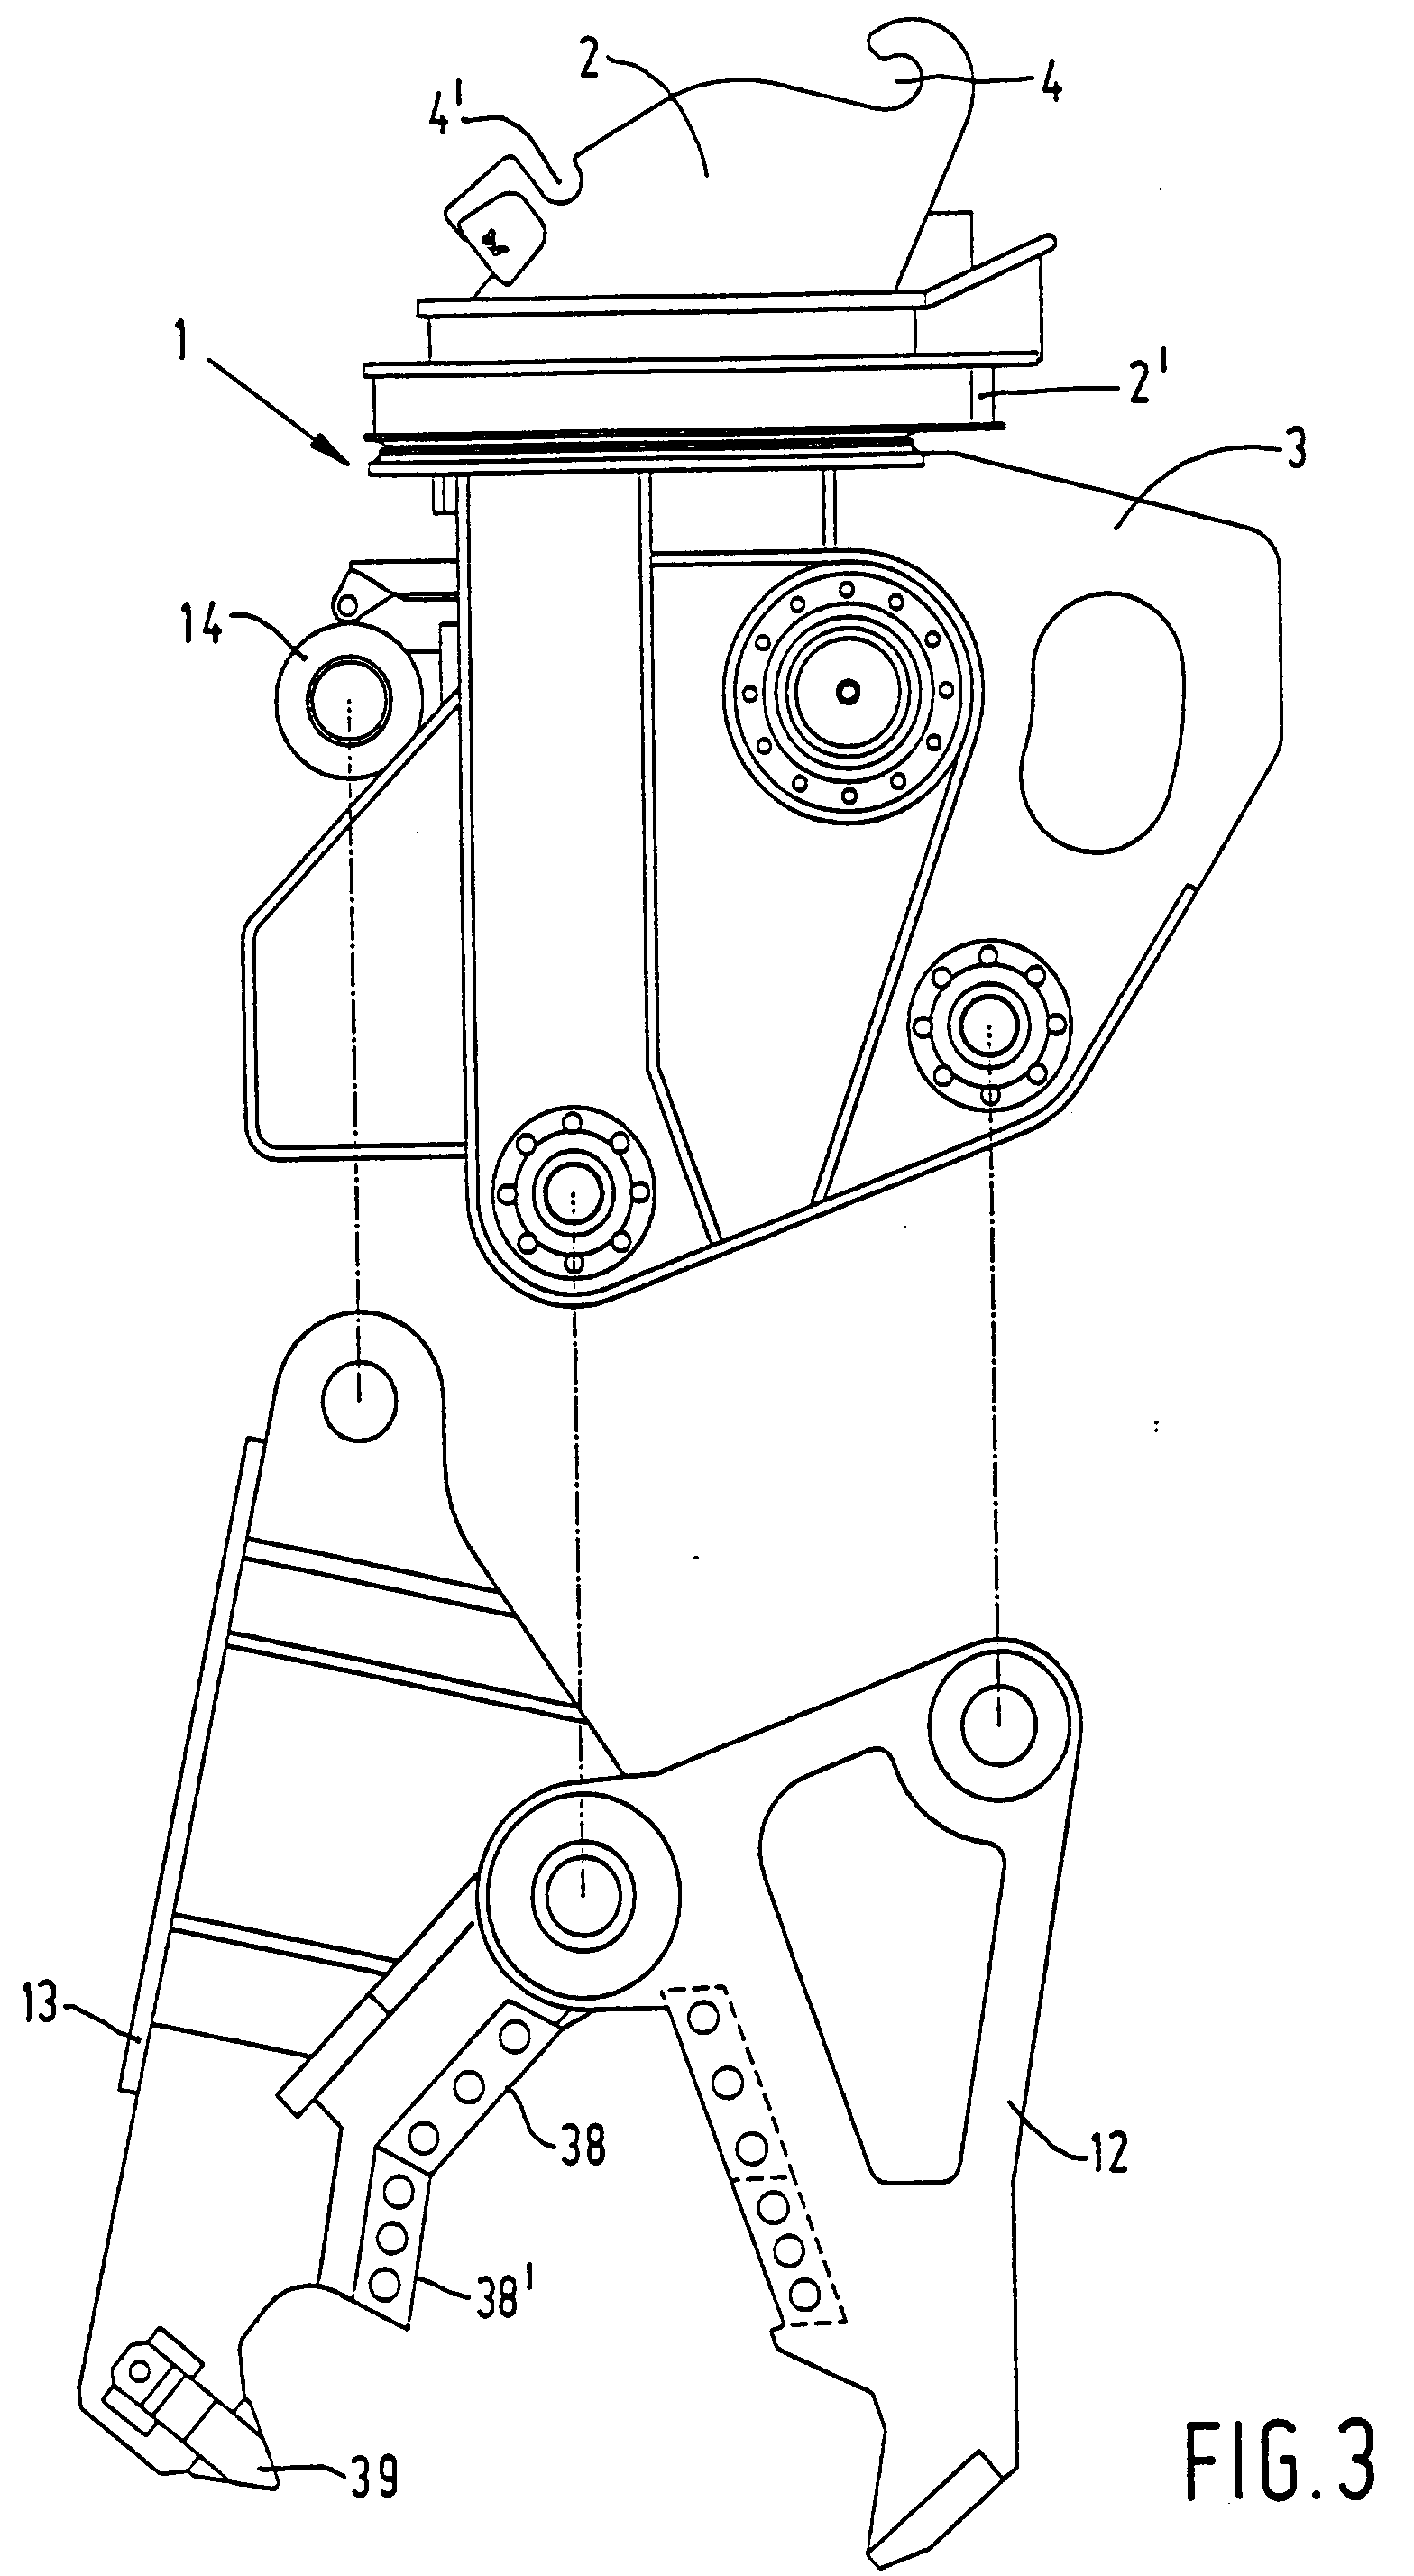 patent ep0641618b1 vorrichtung zum brechen und schneiden von materialien google patents. Black Bedroom Furniture Sets. Home Design Ideas